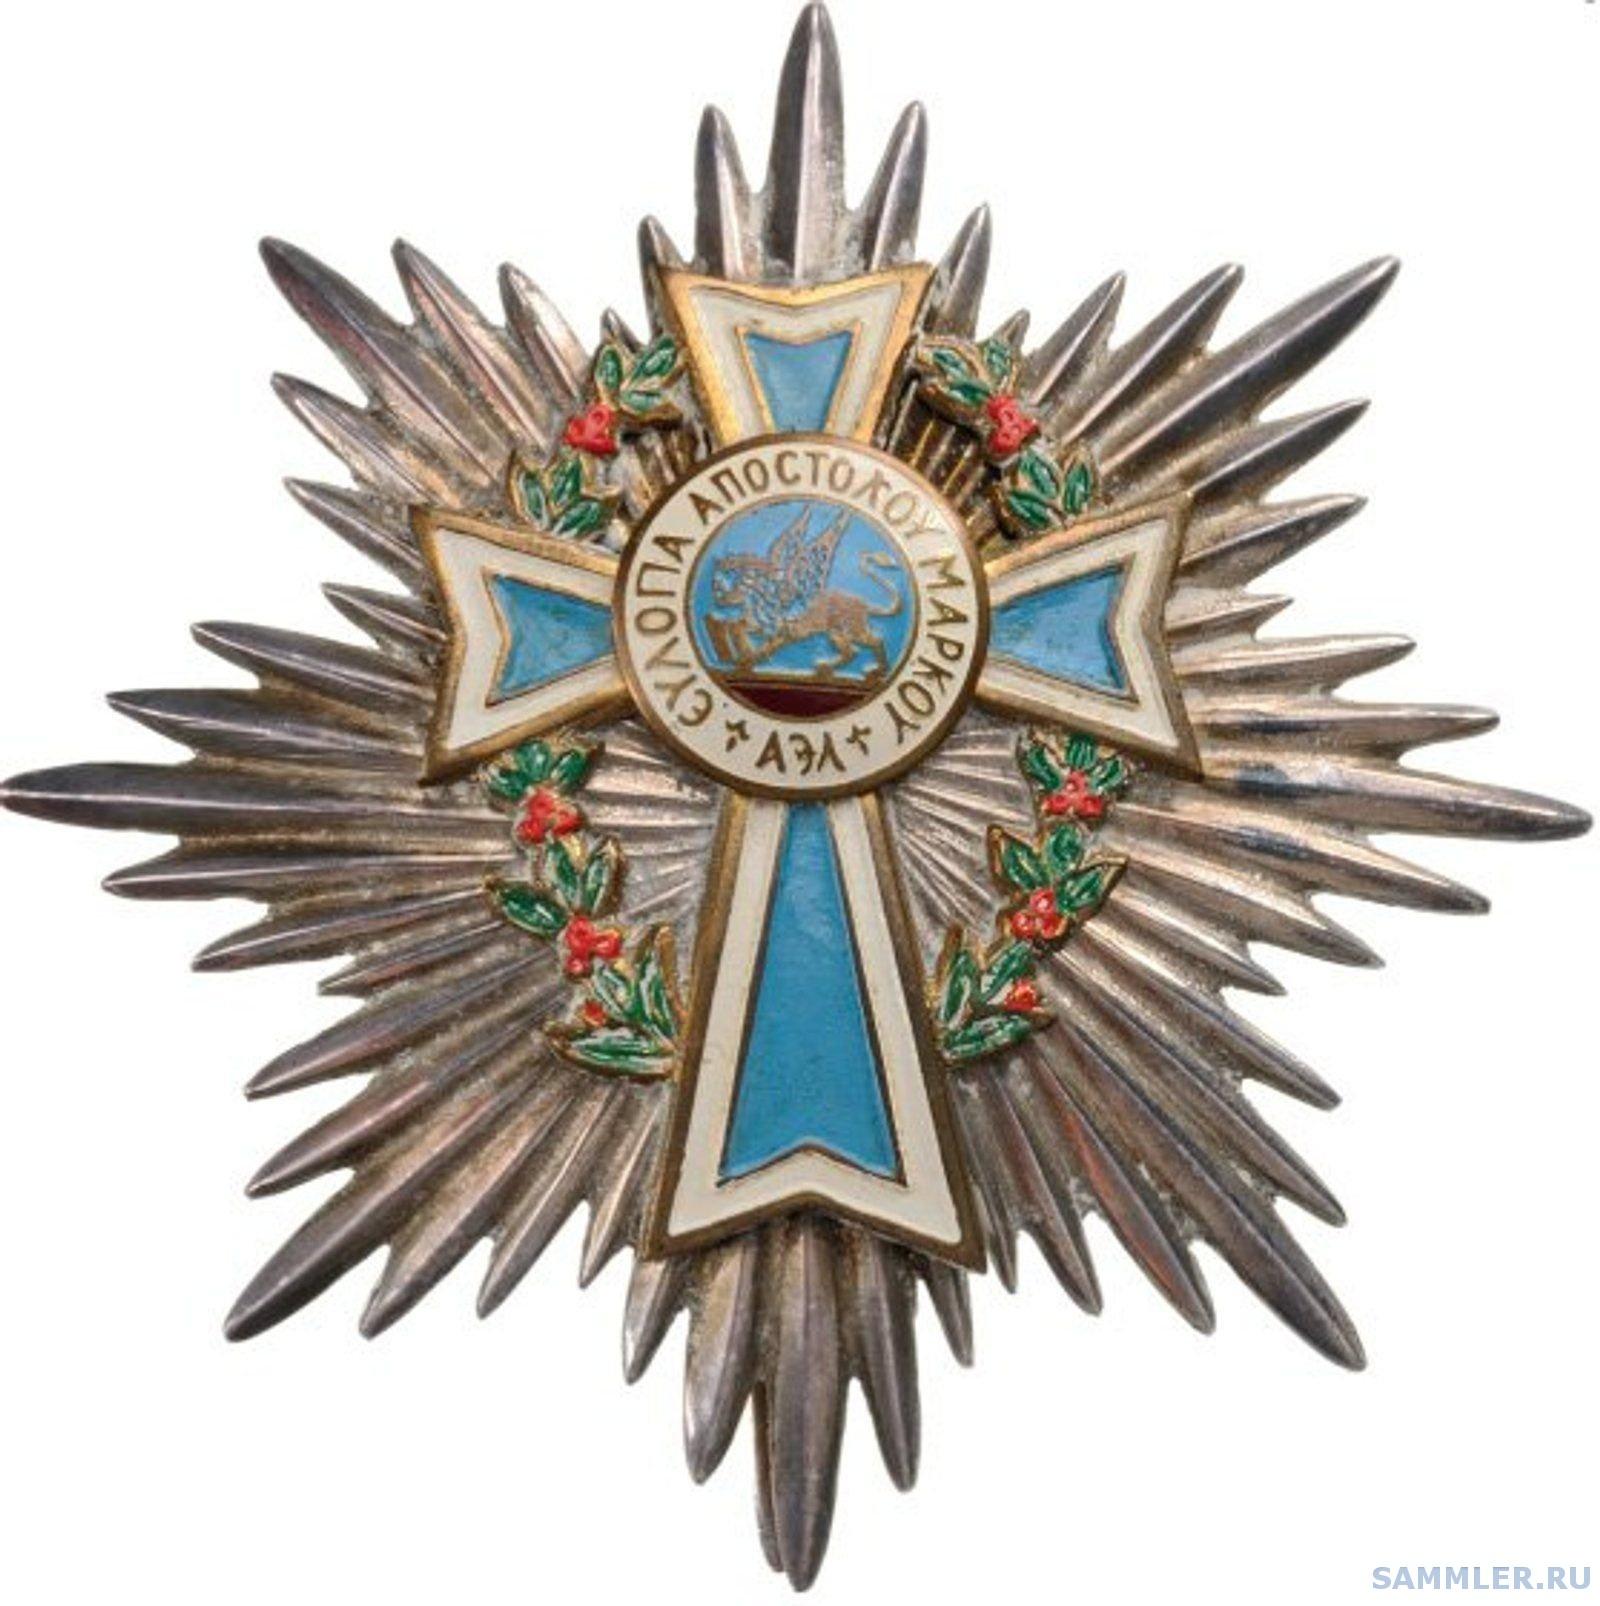 Александрийская православная церковь_Орден Святого Марка_нагрудная звезда.jpg